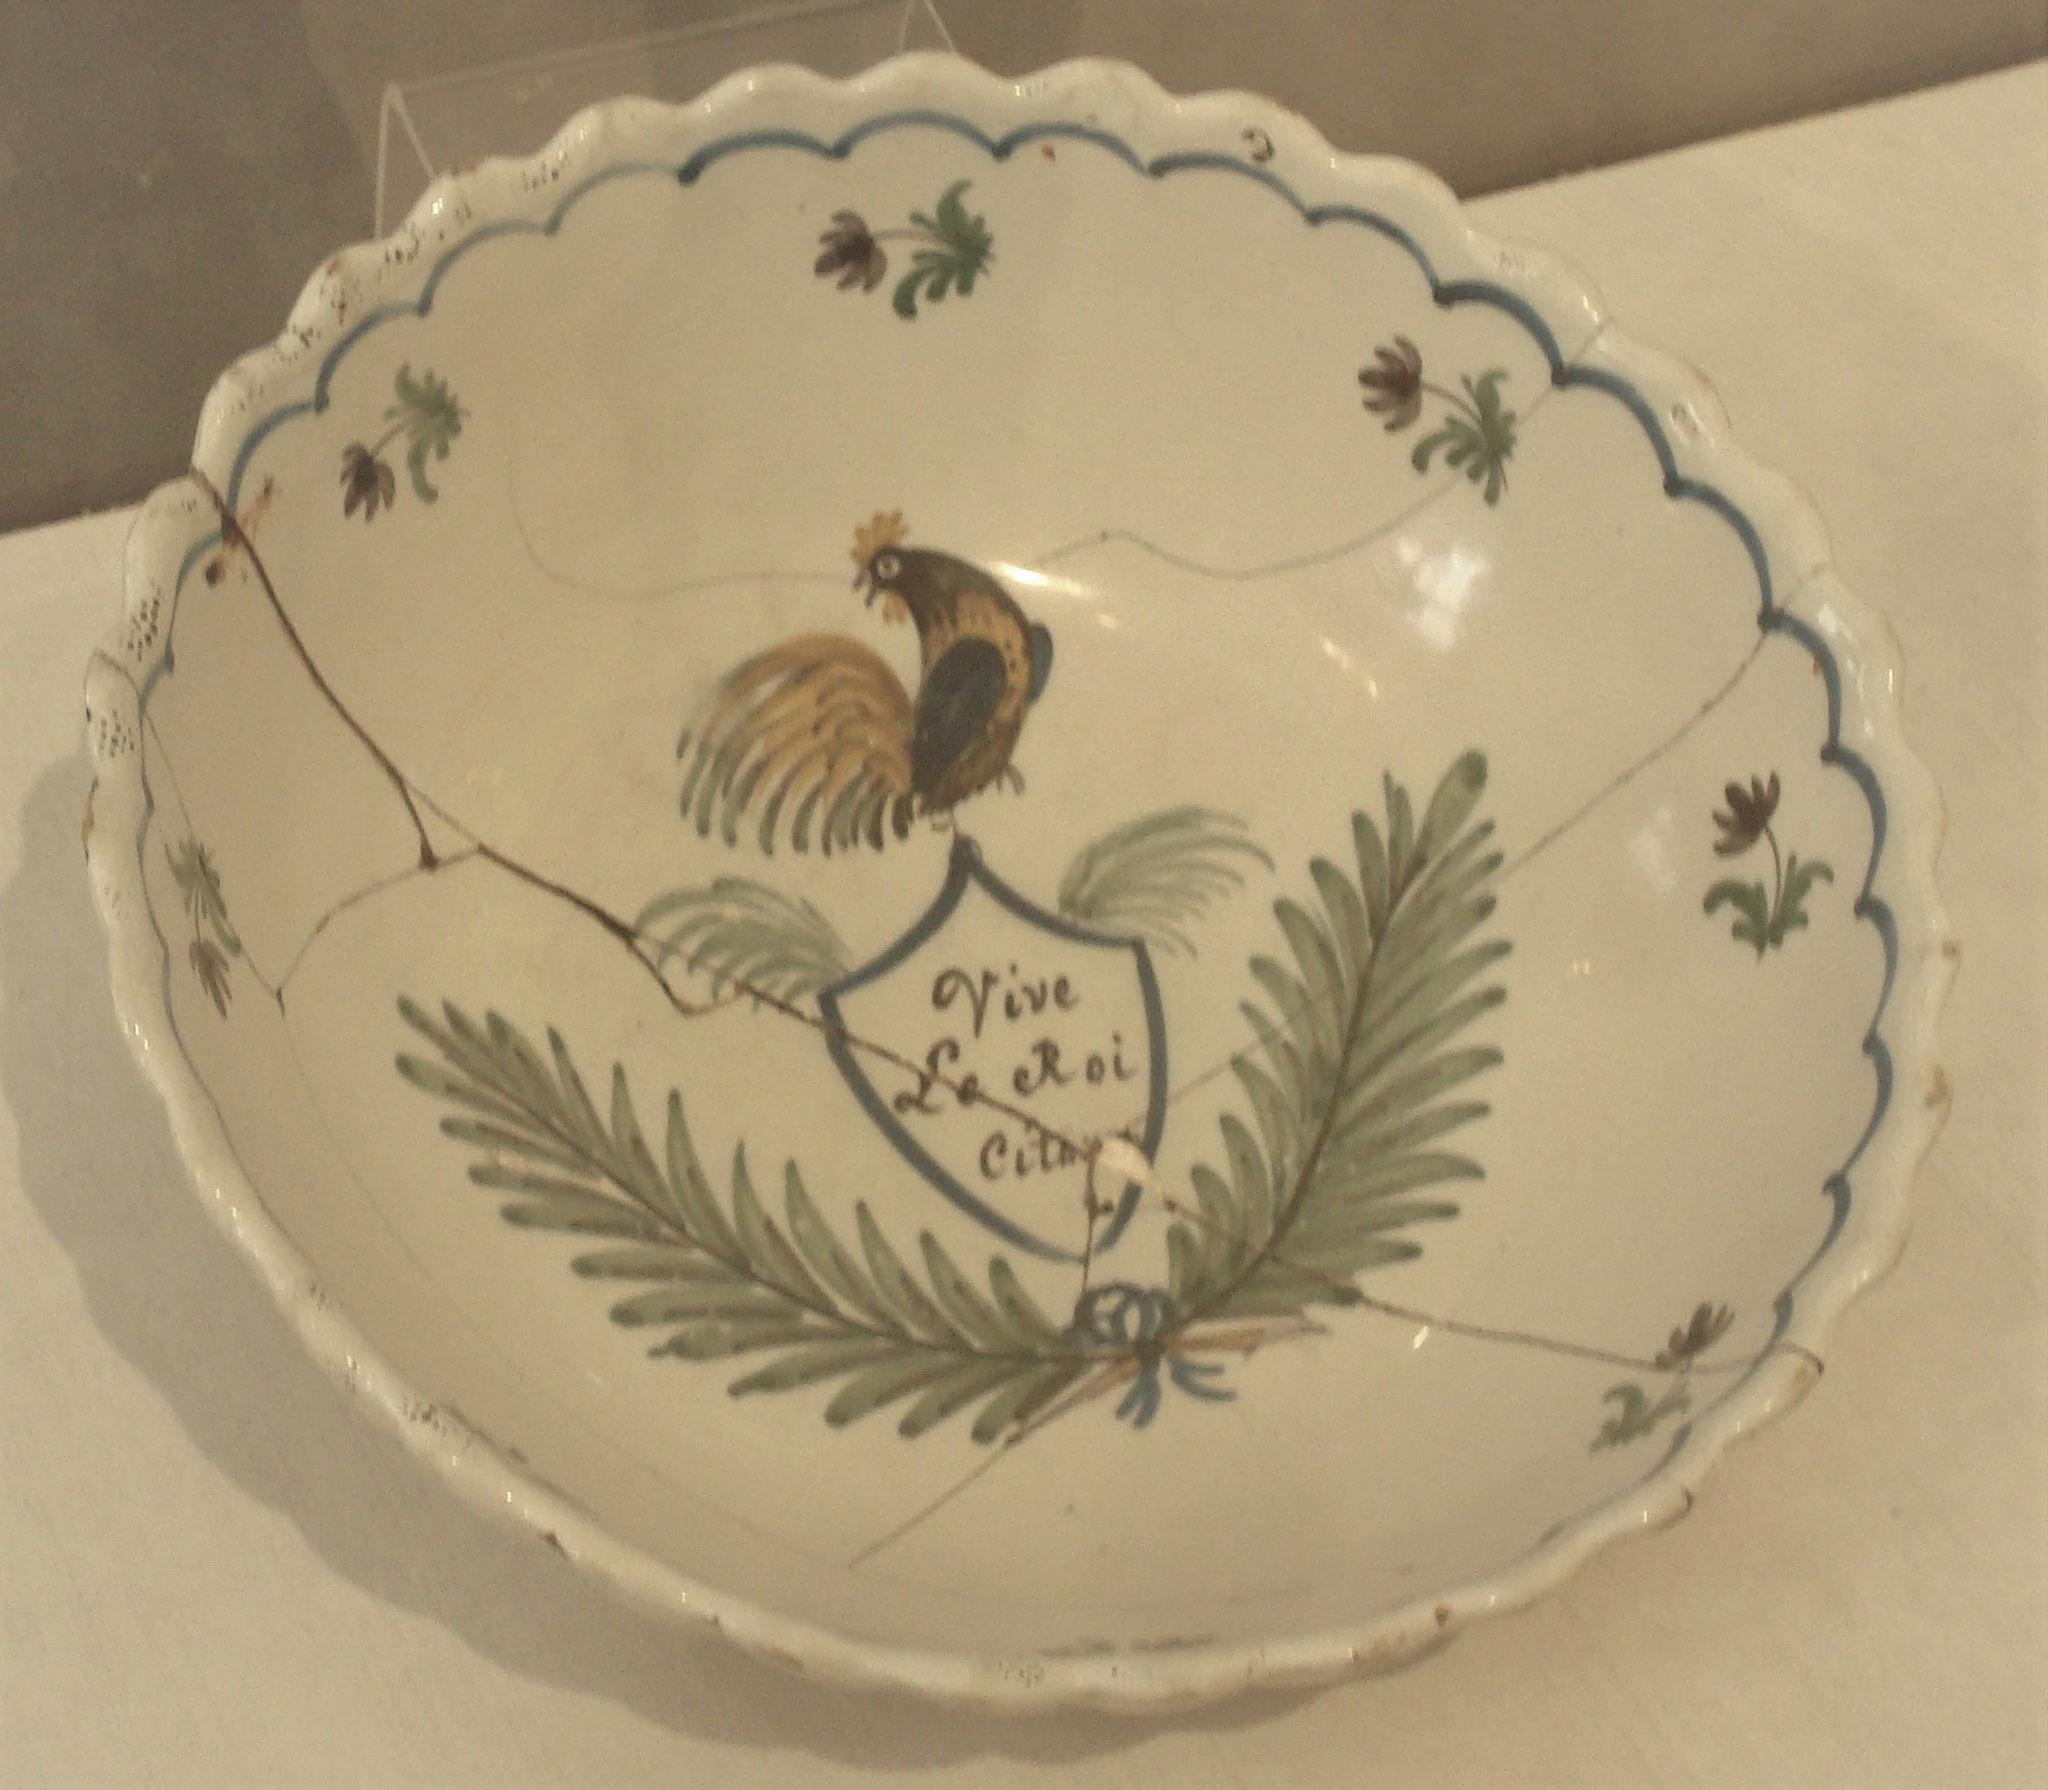 Faïence de Sinceny exposée au musée de Soissons